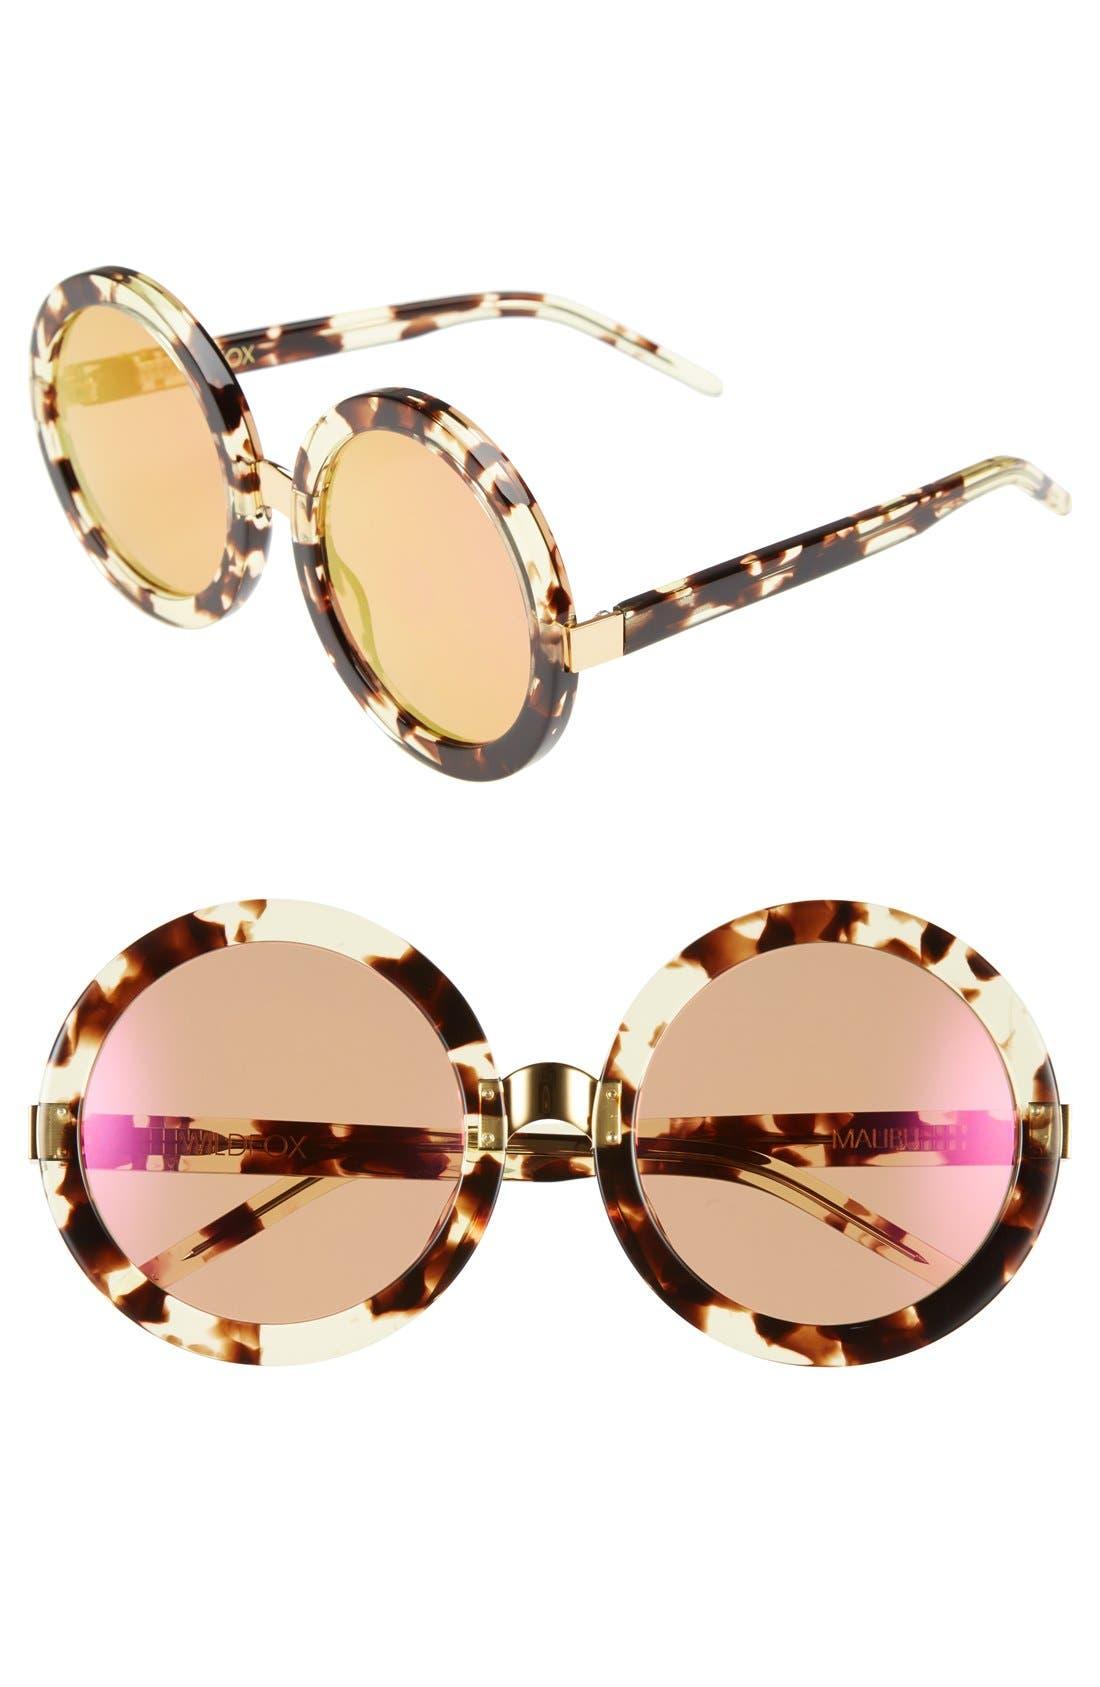 Main Image - Wildfox 'Malibu Deluxe' 55mm Retro Sunglasses